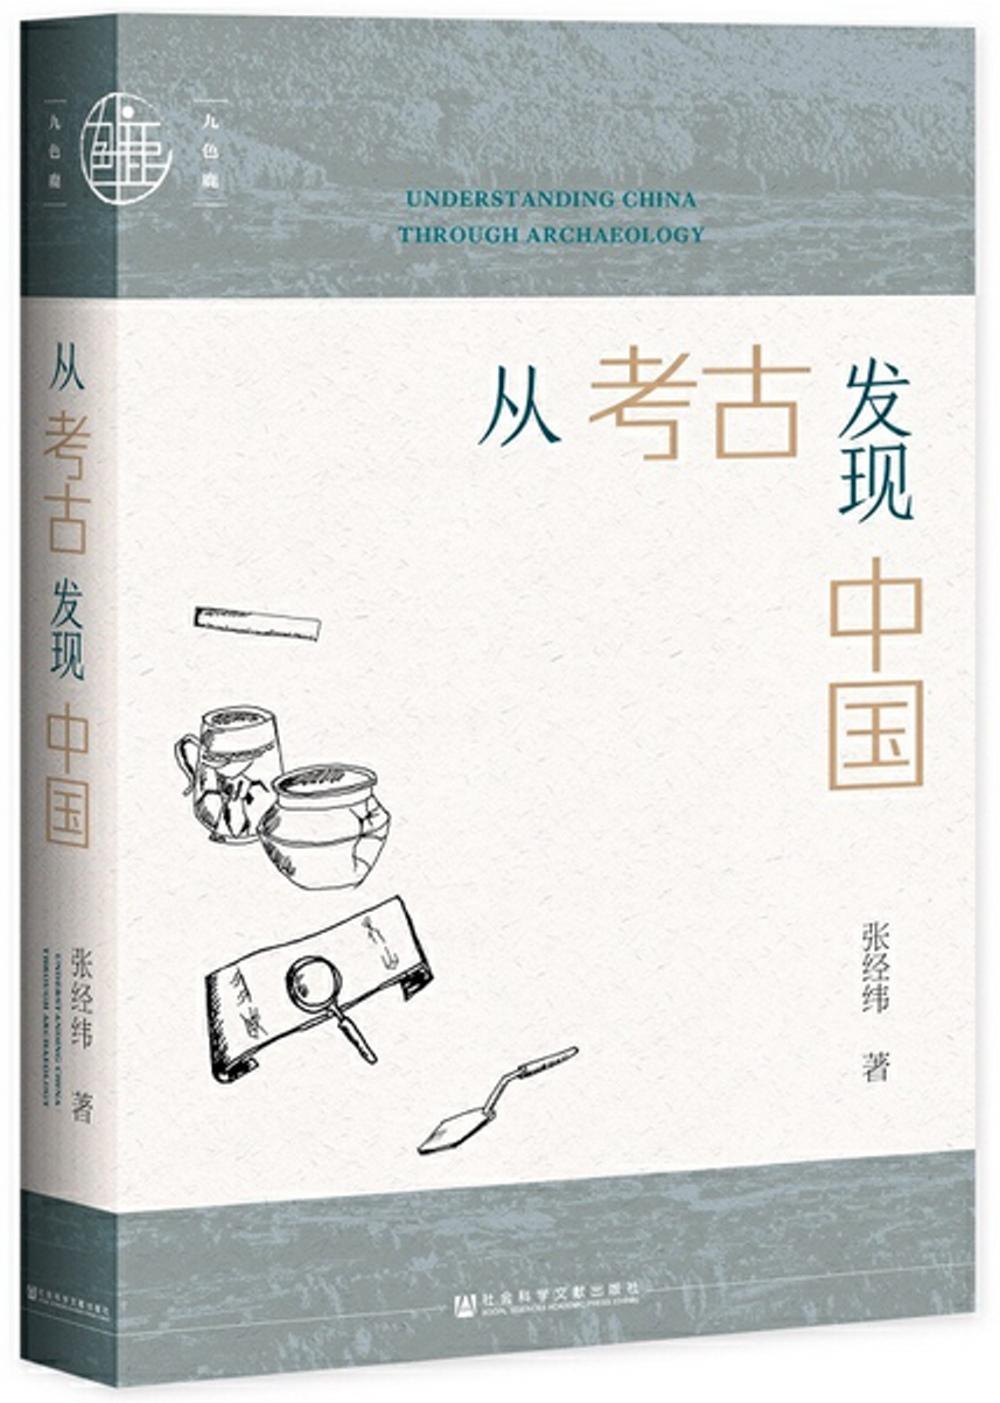 從考古發現中國